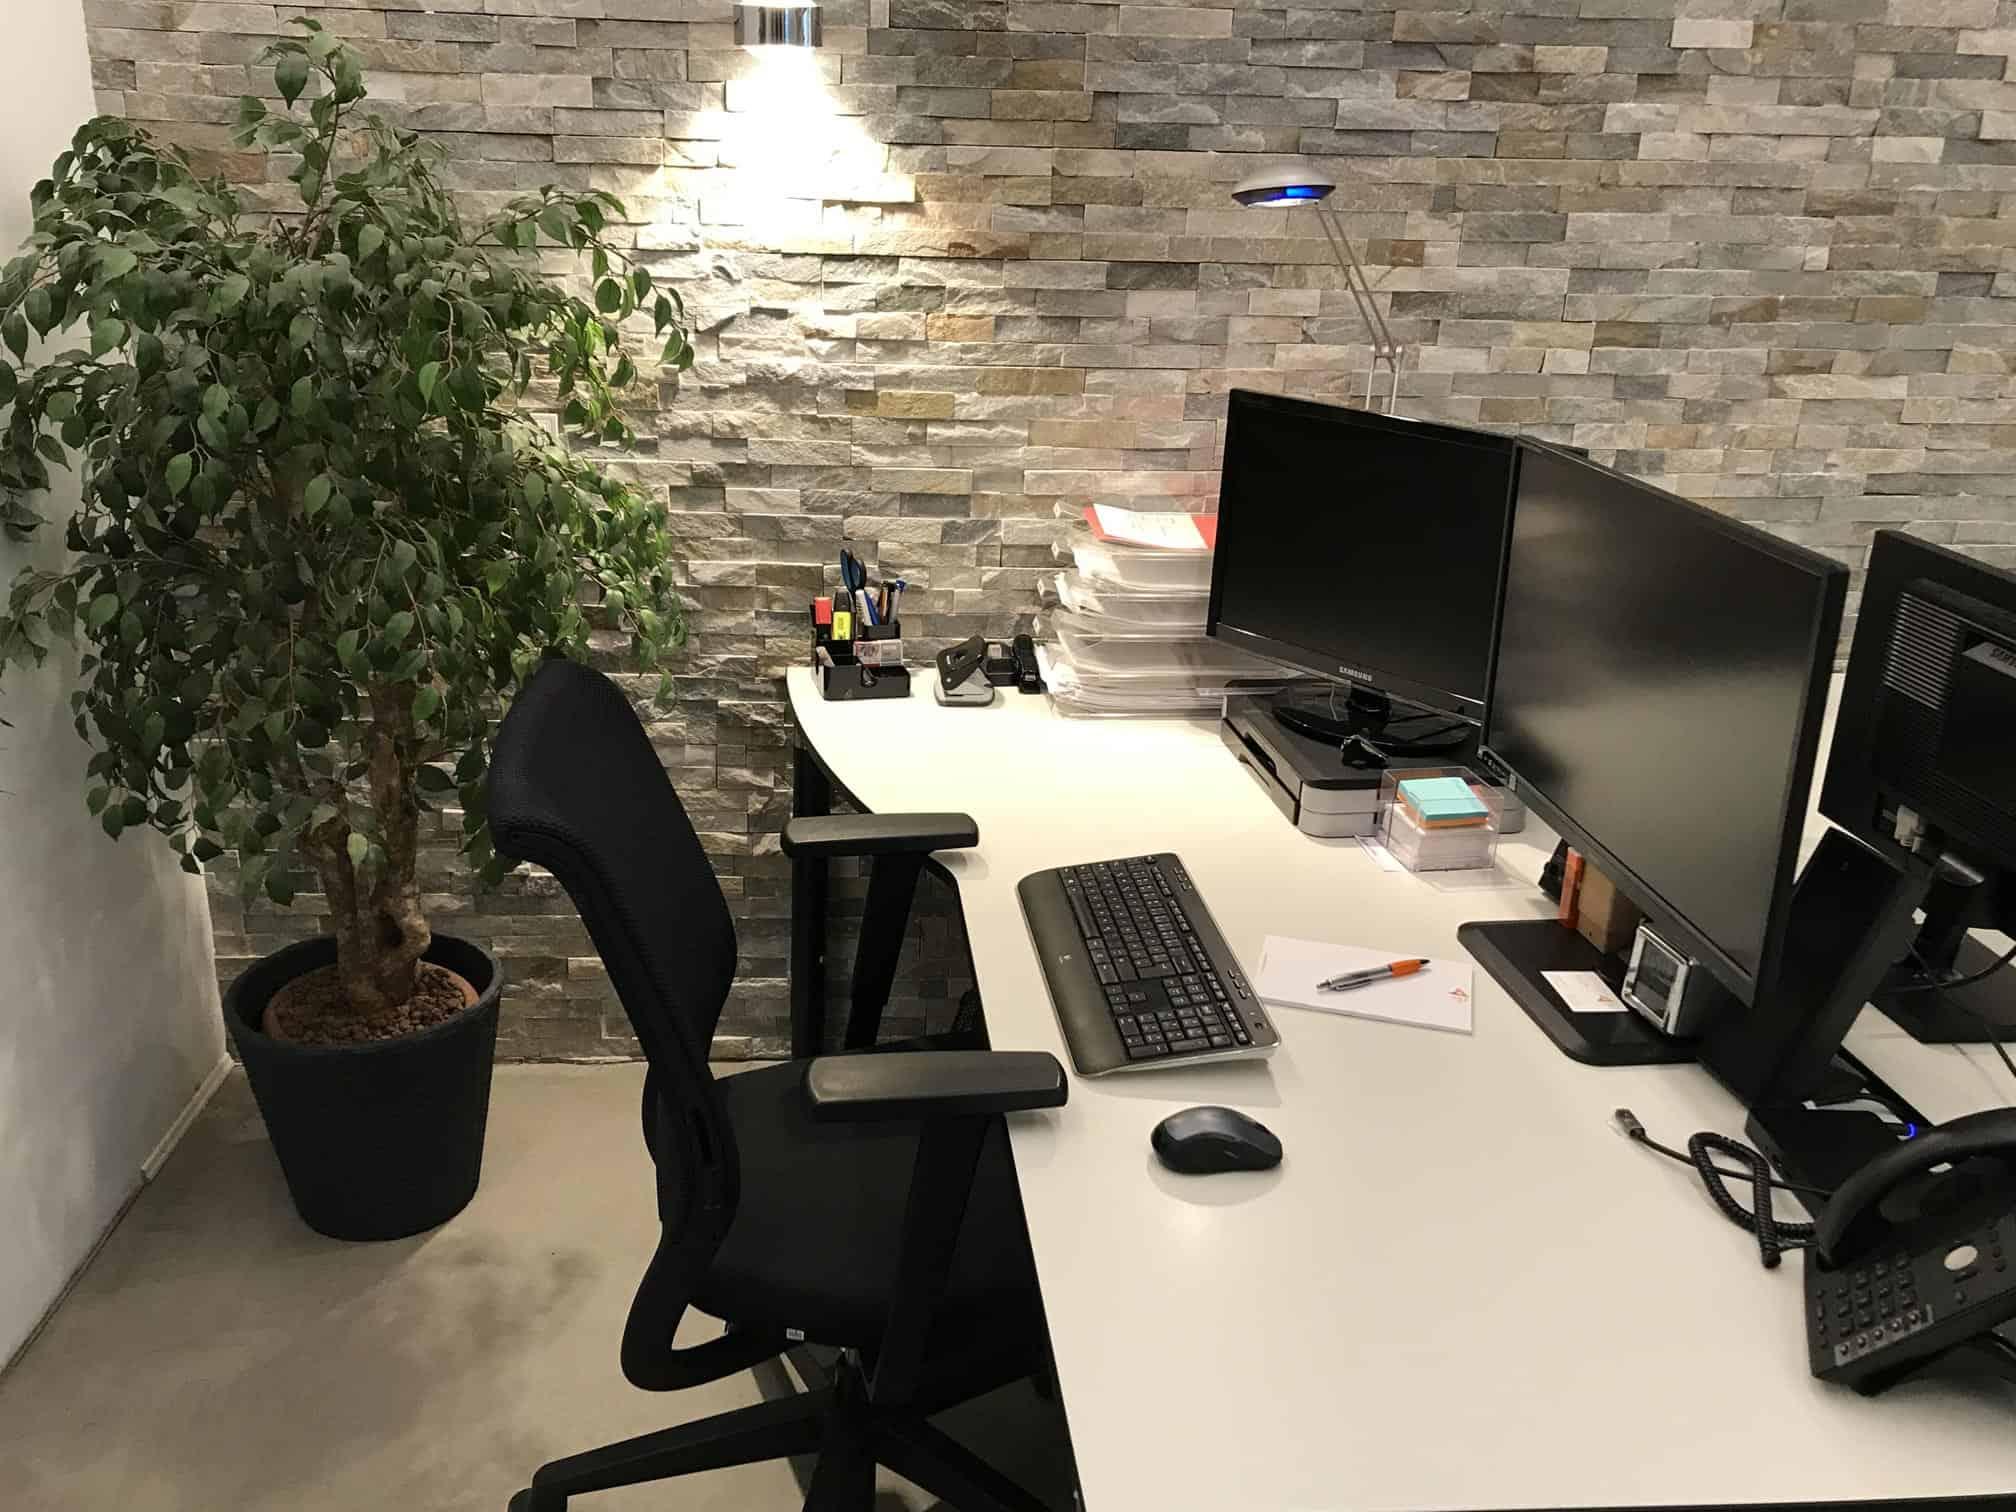 coworking rheda cube3 - Co-Working Space in Rheda